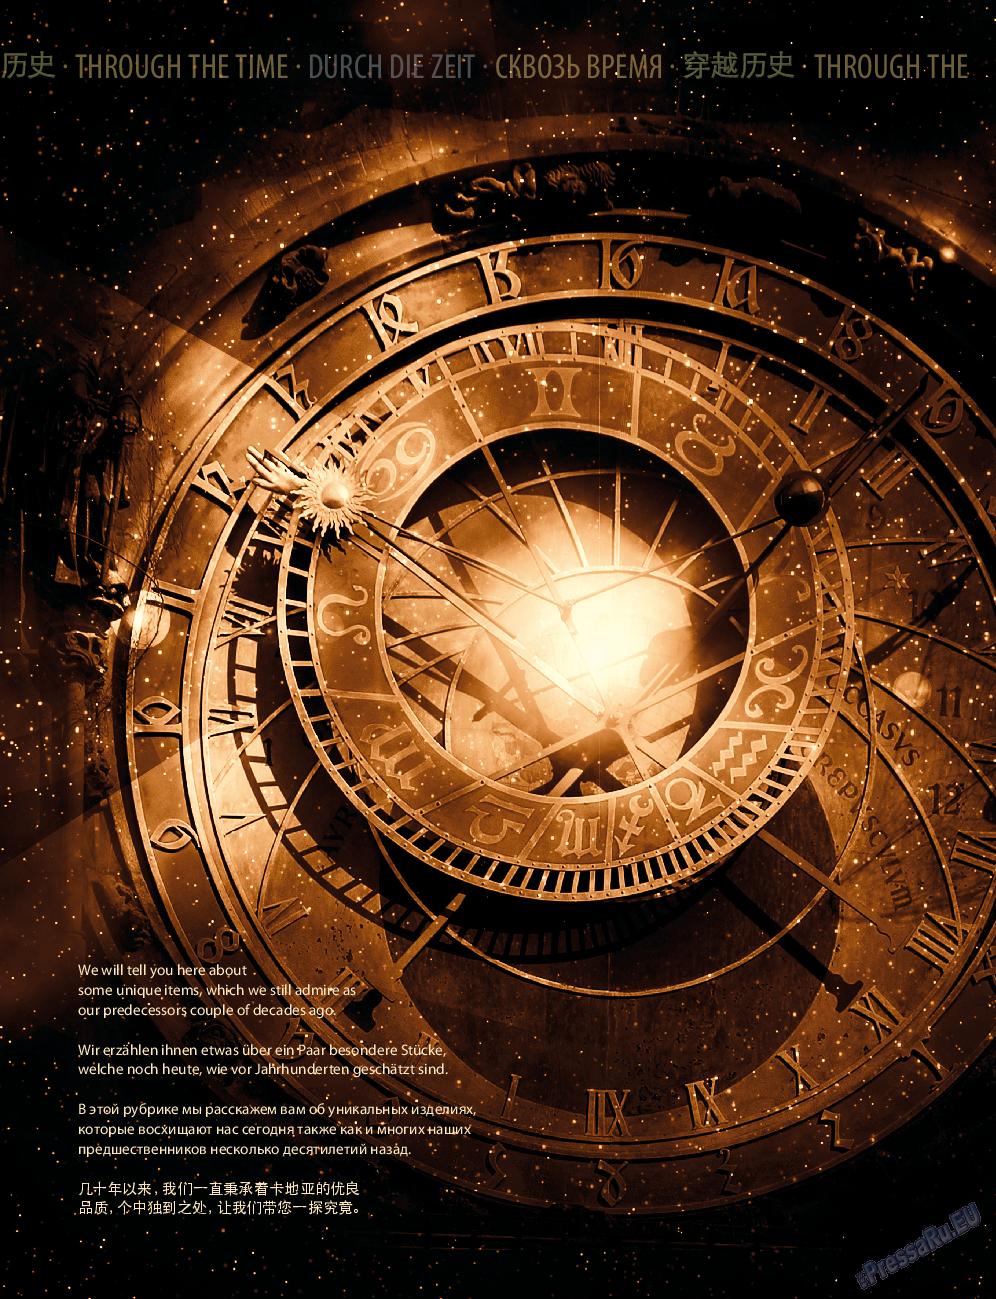 Клан (журнал). 2016 год, номер 10, стр. 154